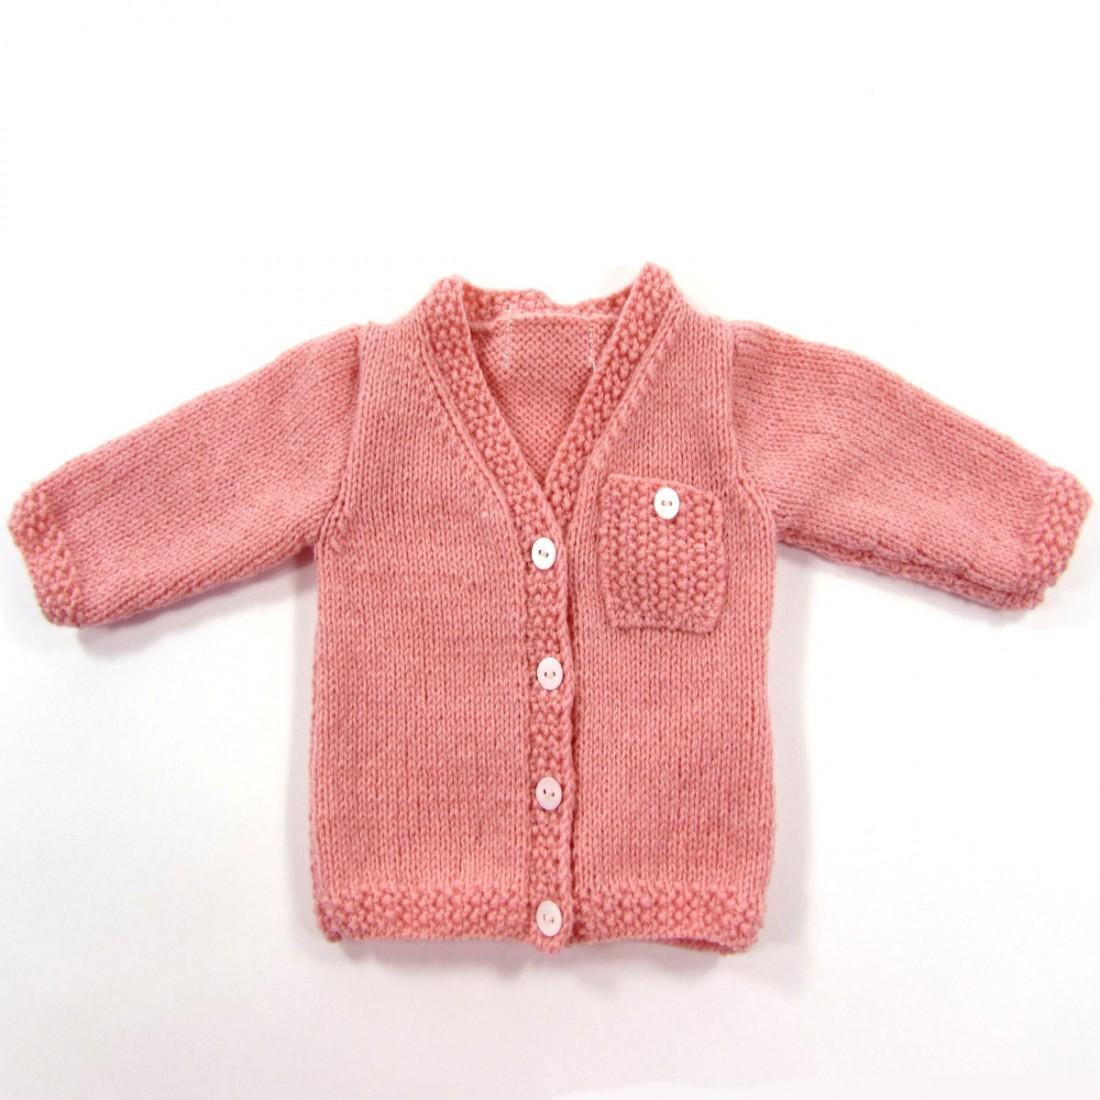 eccc5033440c Gilet bébé fille prématurée au tricot rose poudre printemps